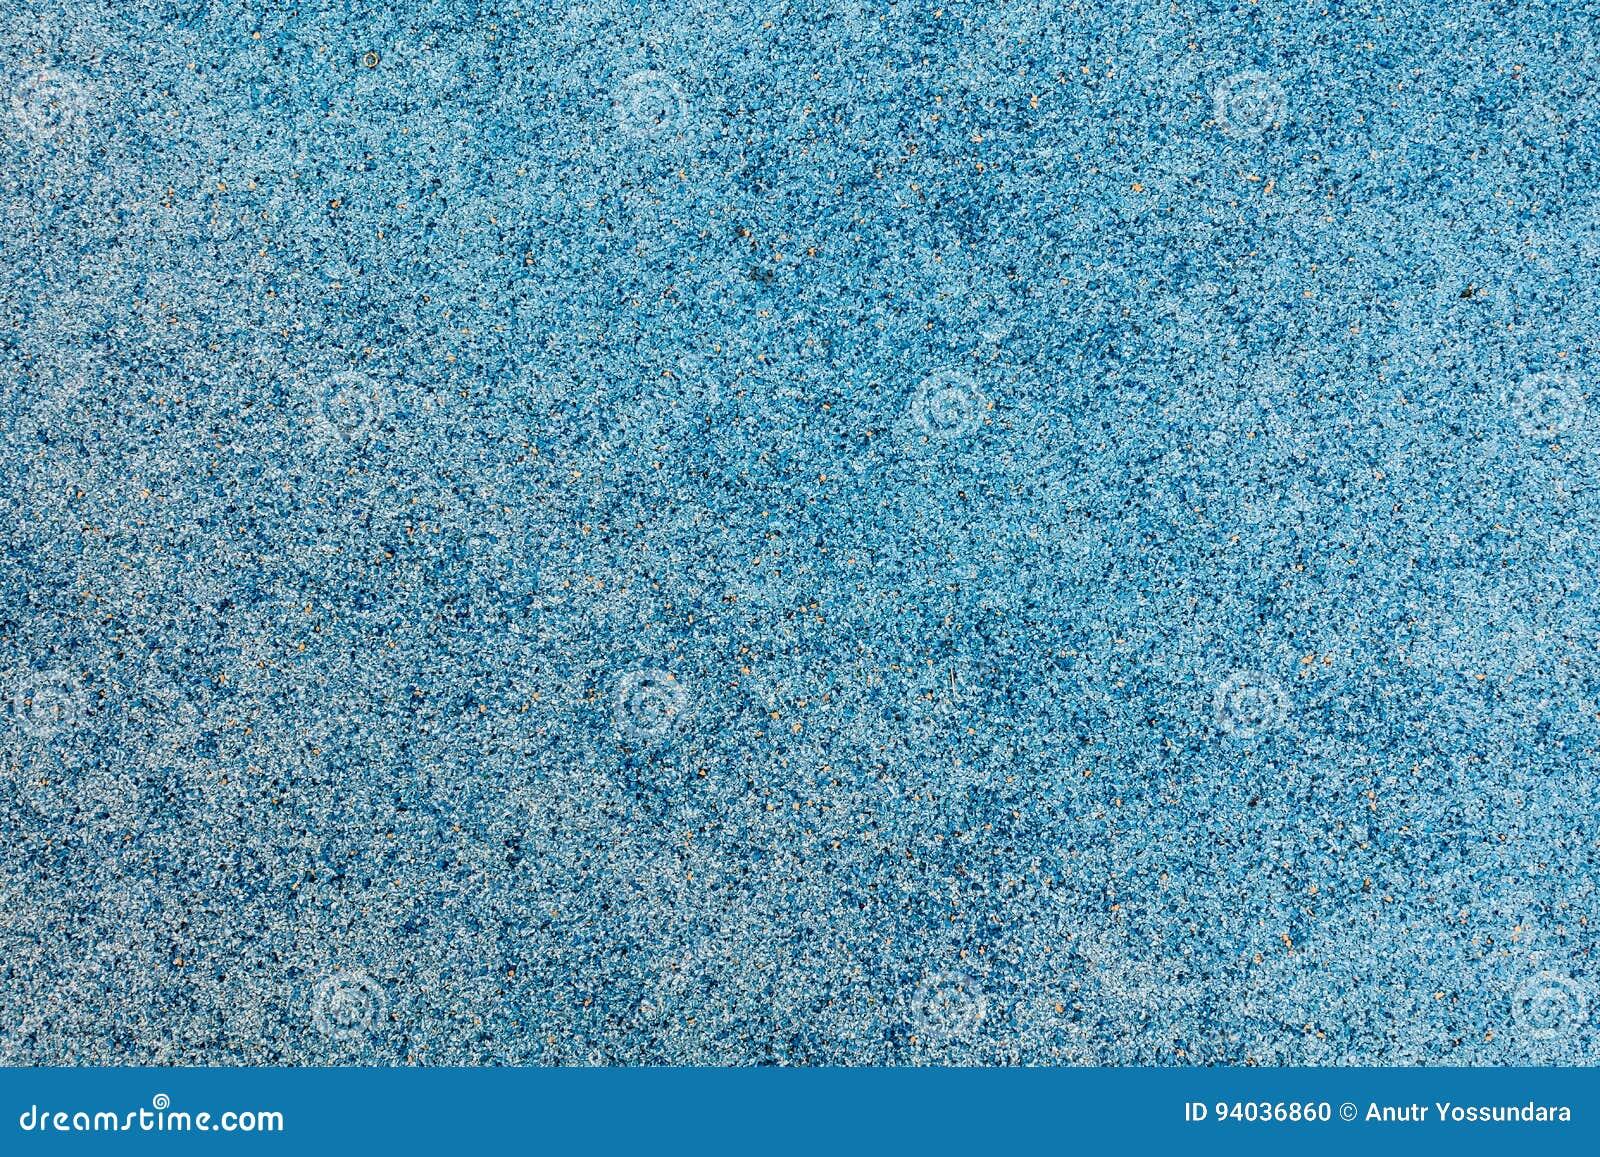 Pavimento In Gomma Per Bambini : Pavimento di gomma del campo da giuoco blu per sicurezza dei